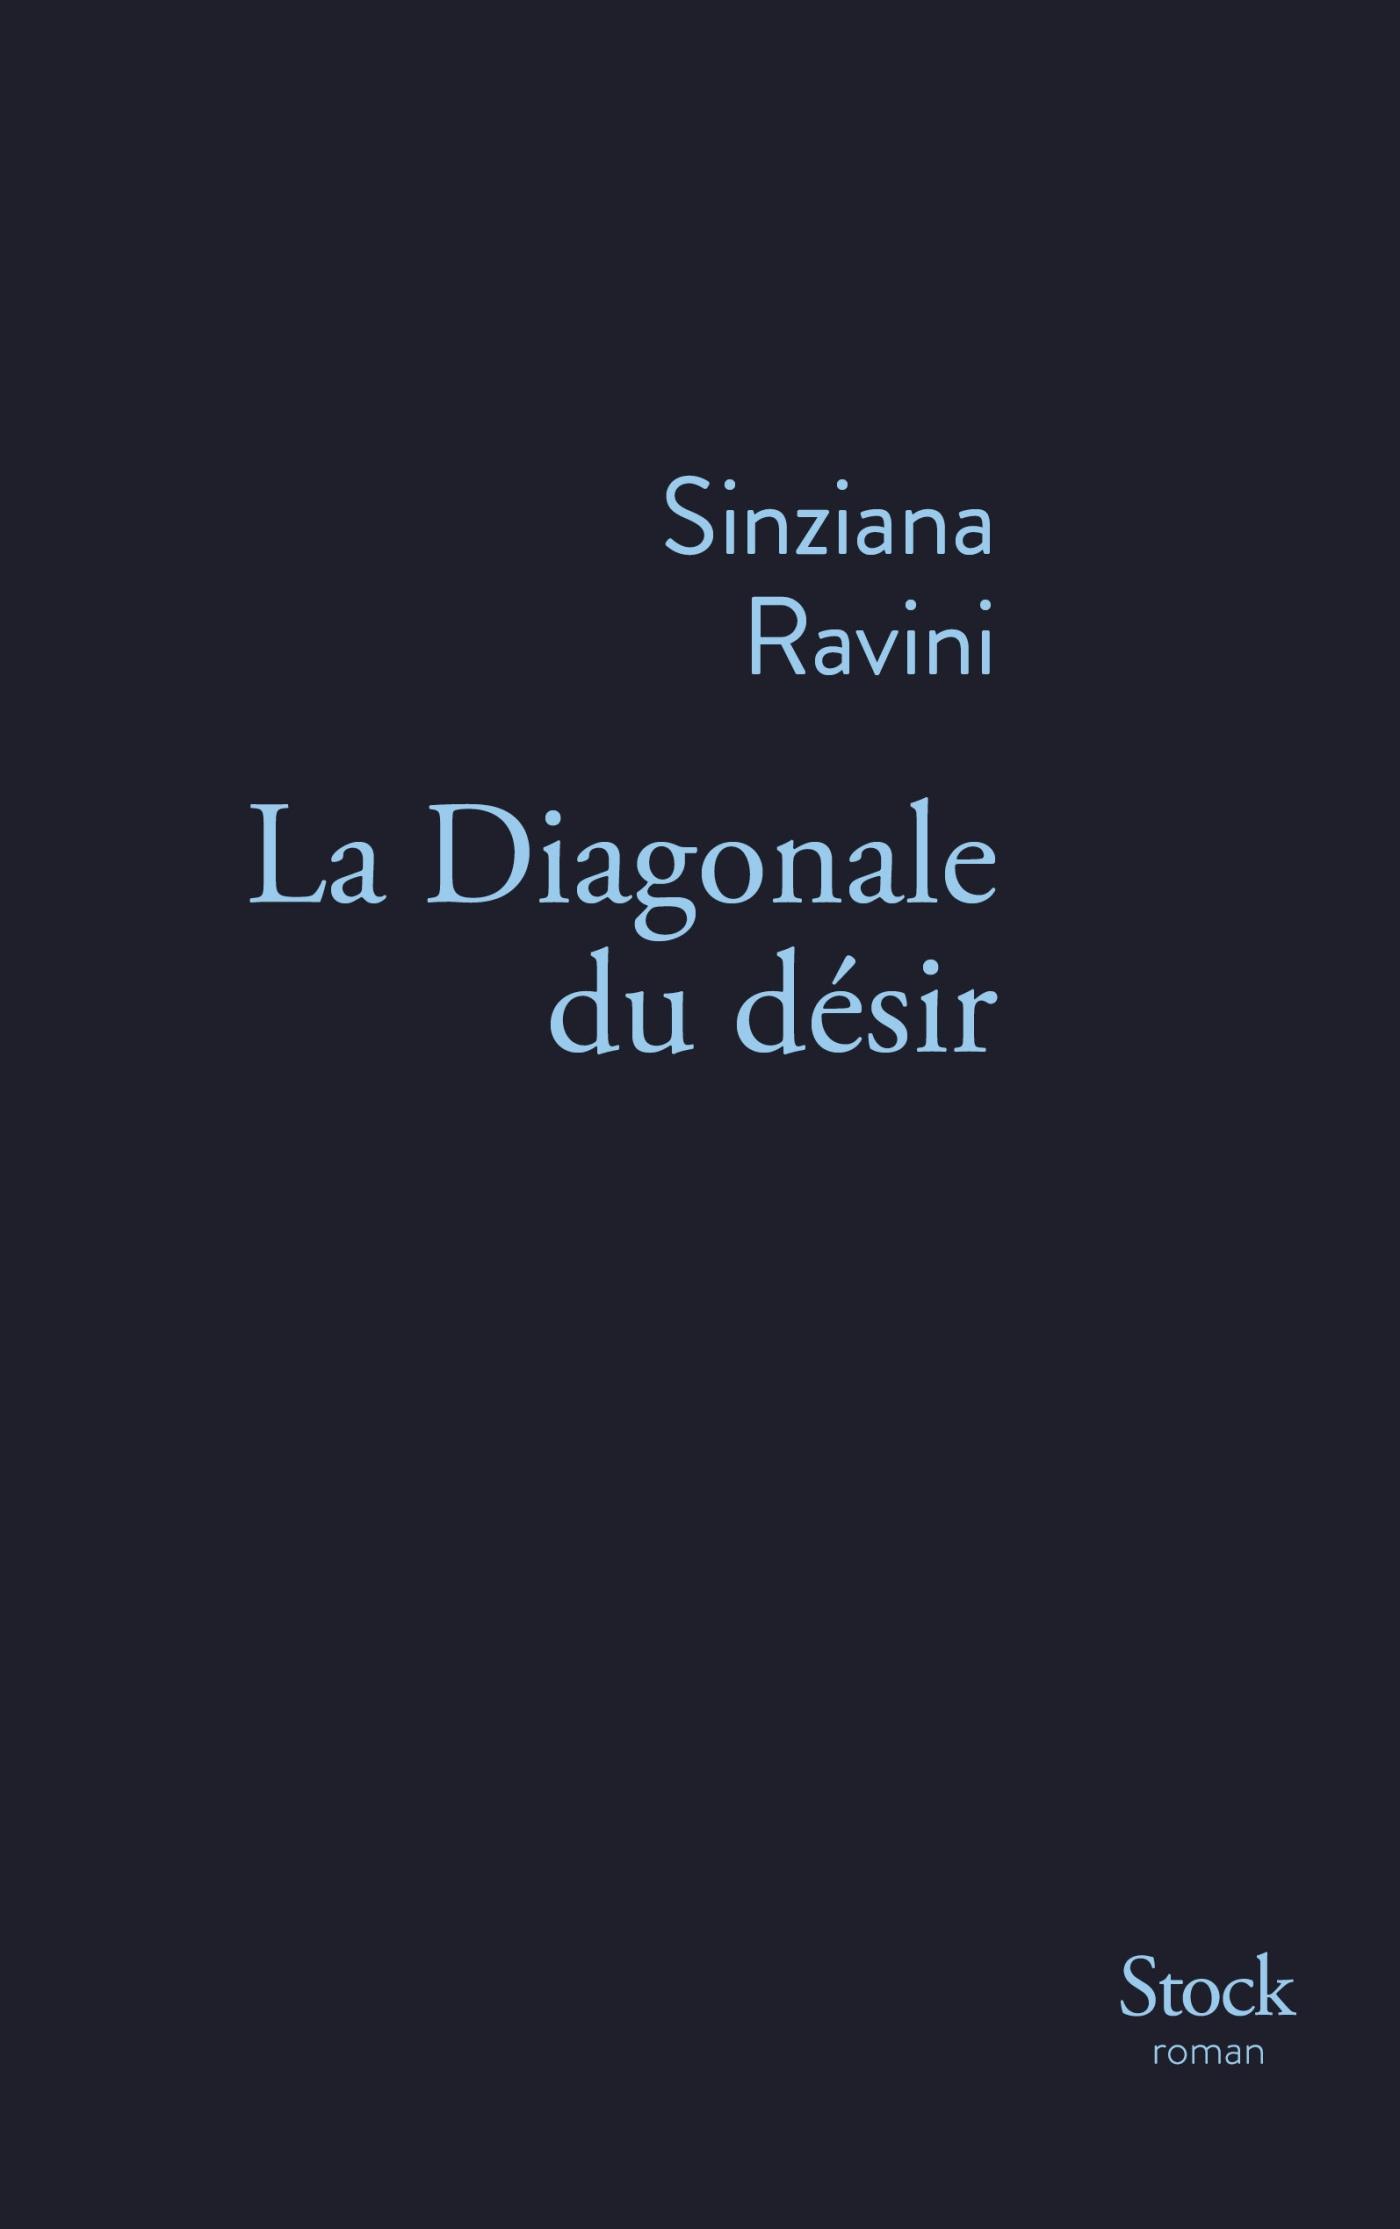 La diagonale du désir